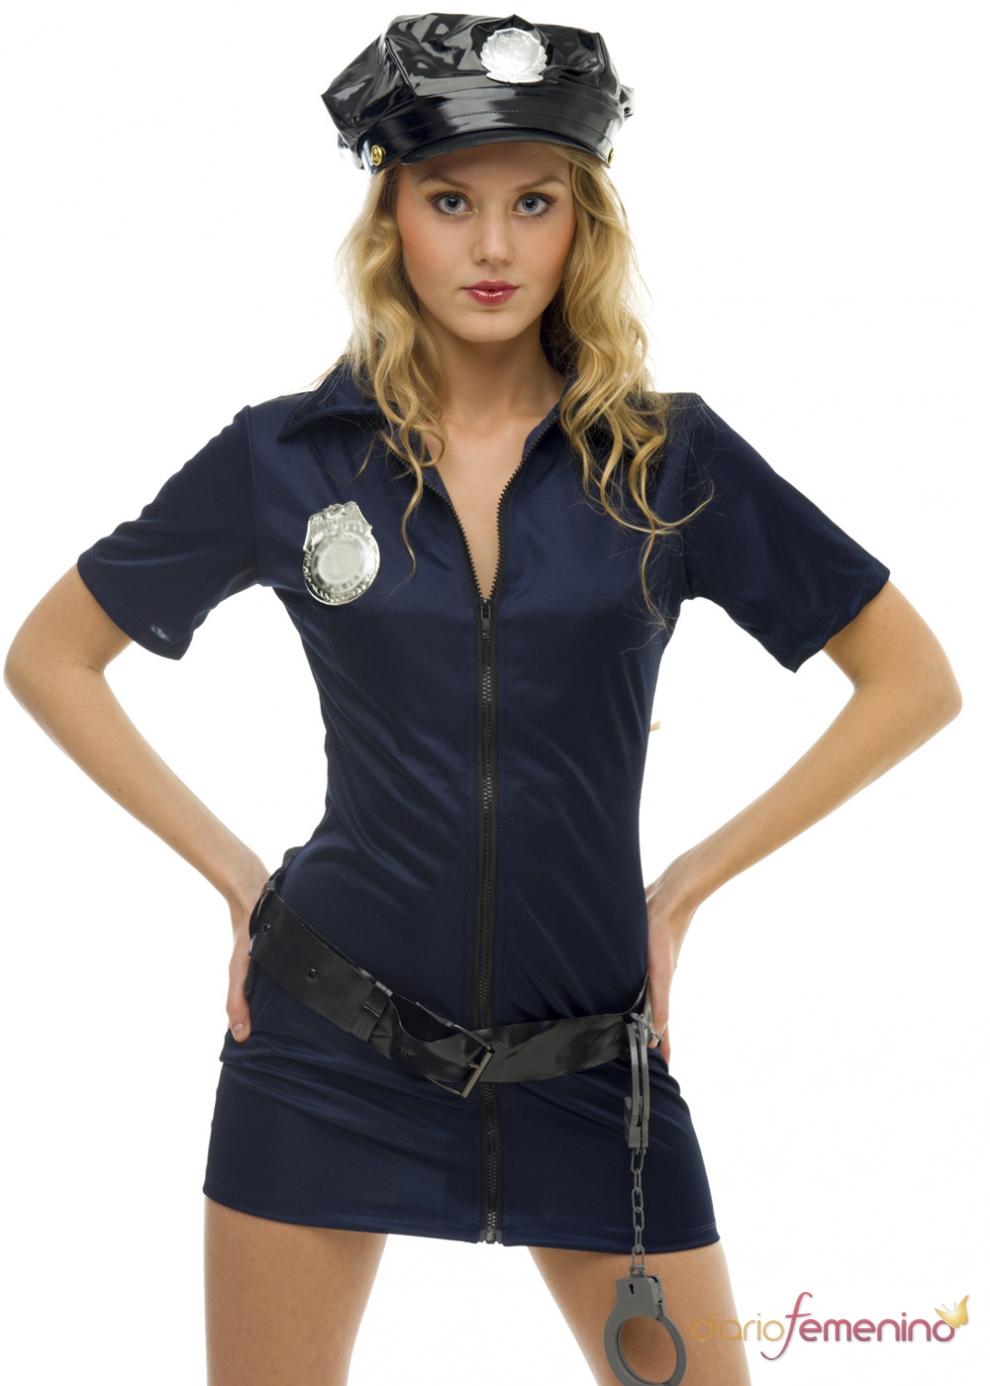 Фото молодых девочек в костюмах полиции 5 фотография